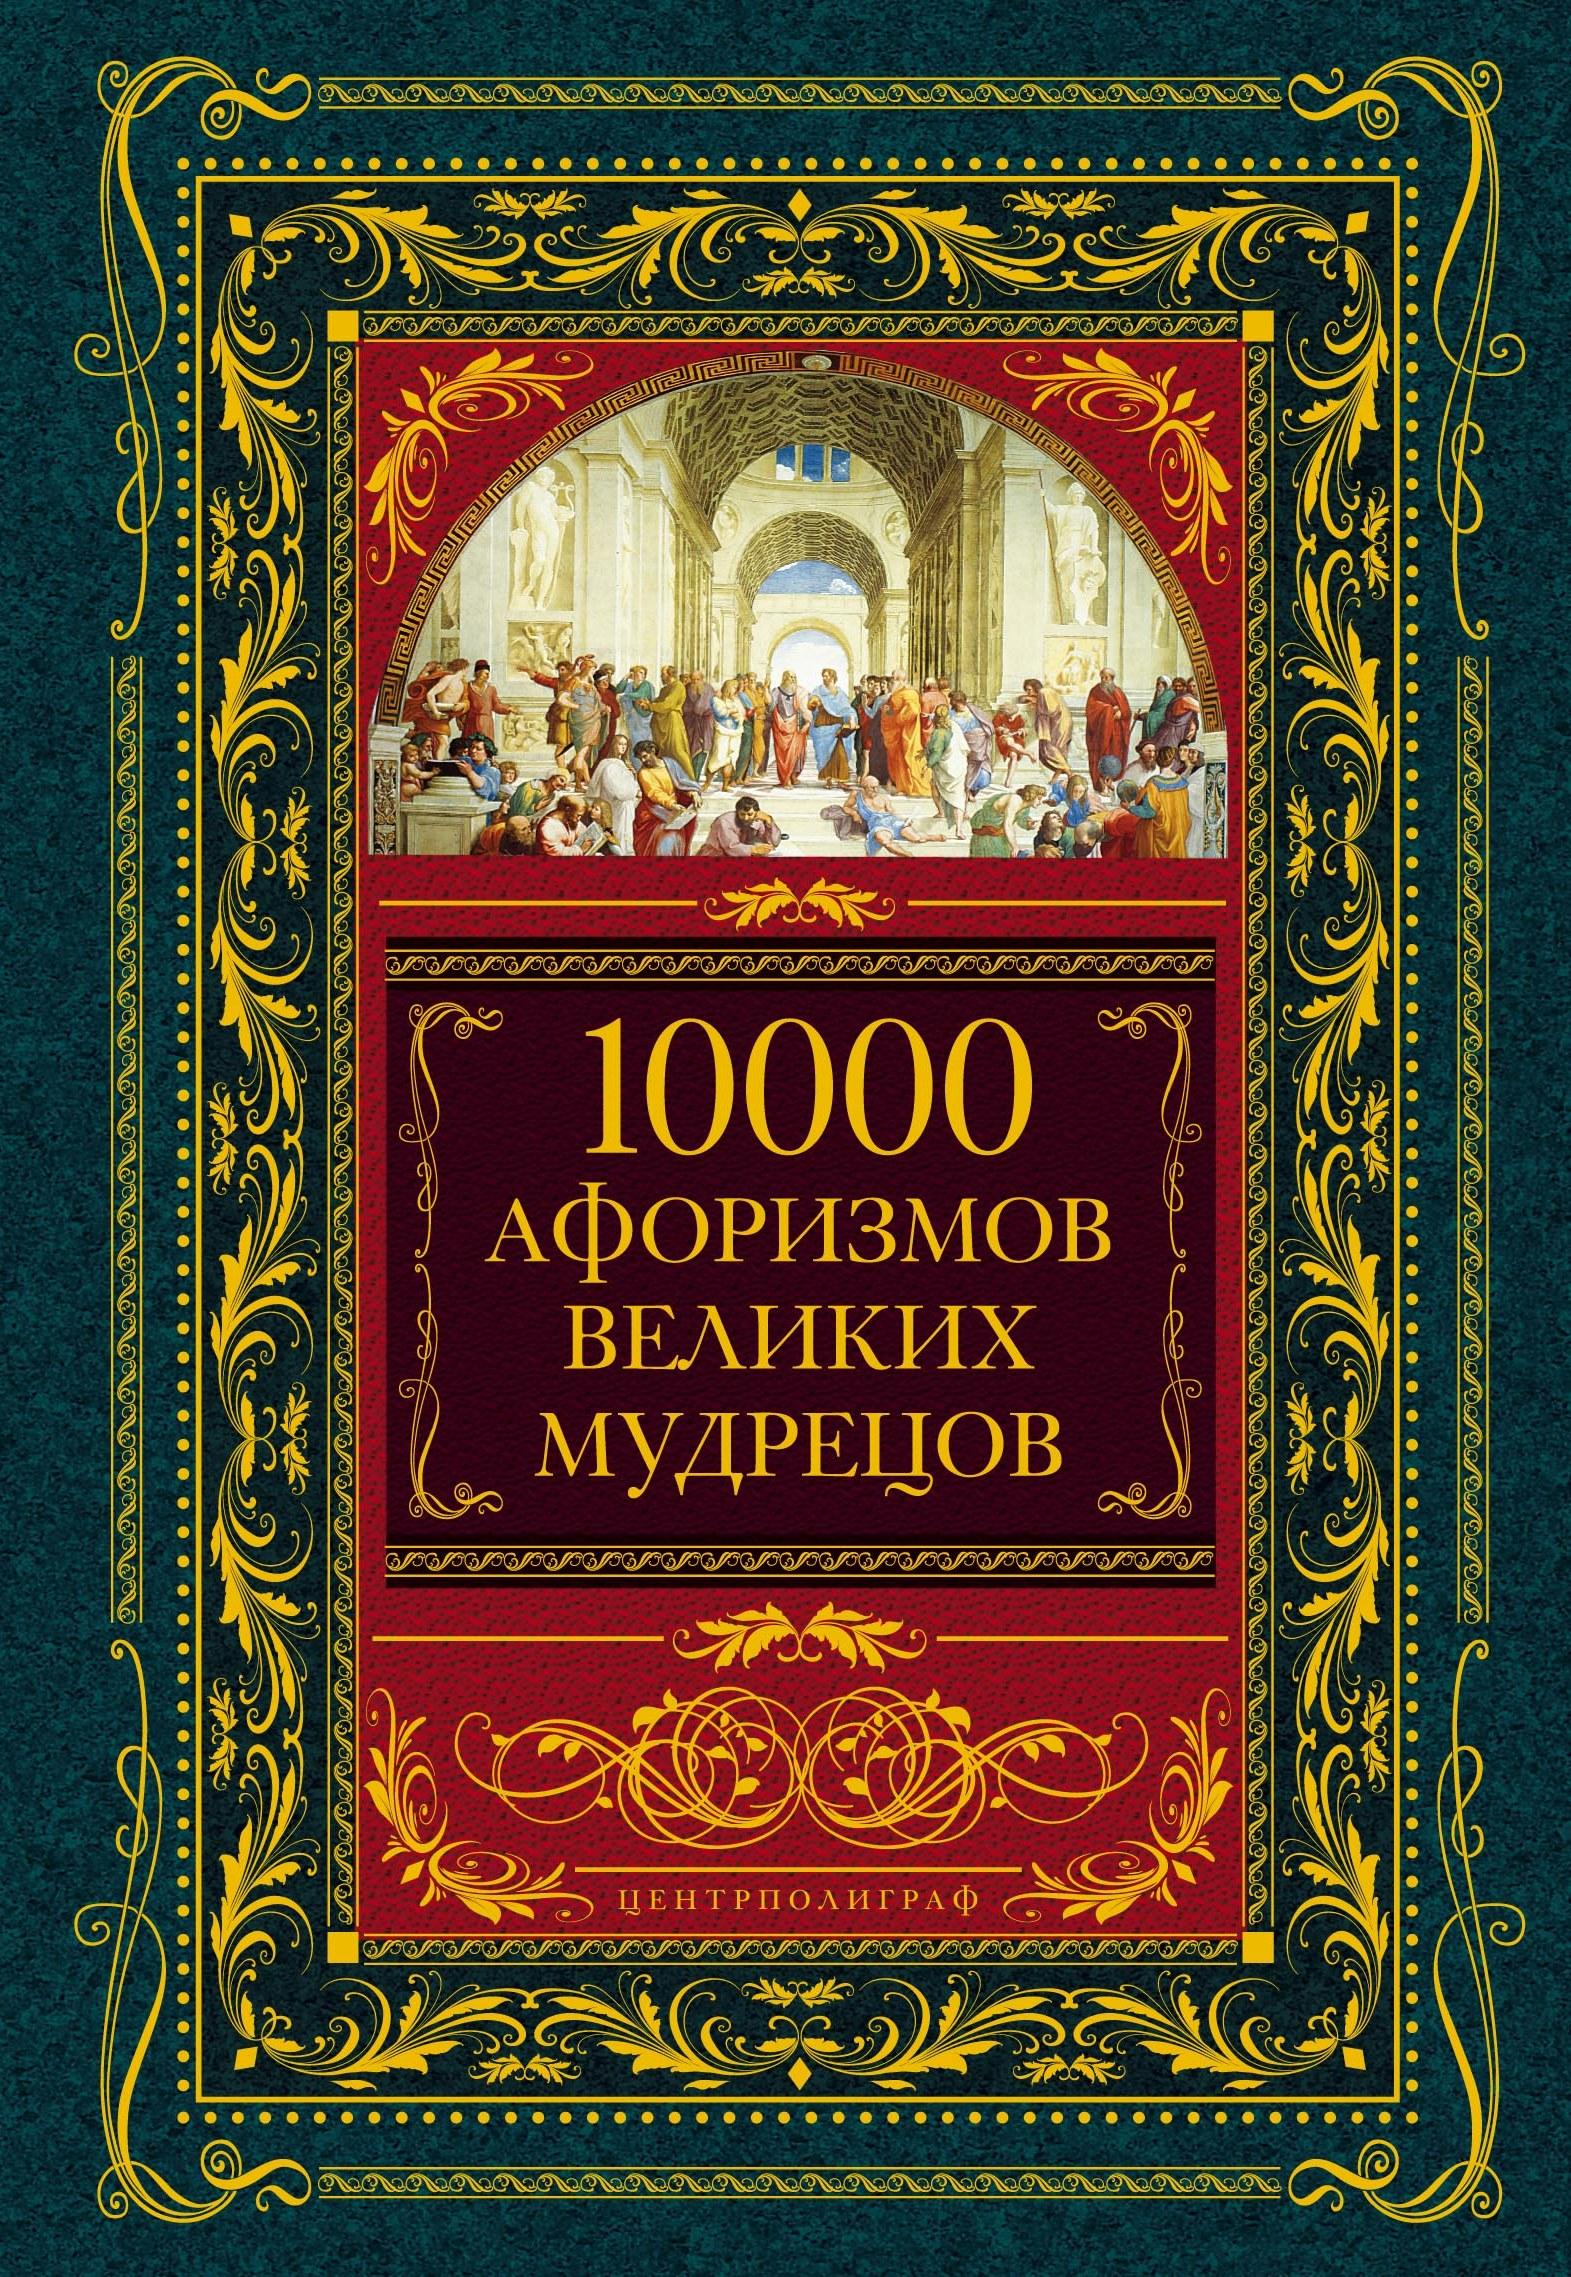 10000афоризмов великих мудрецов